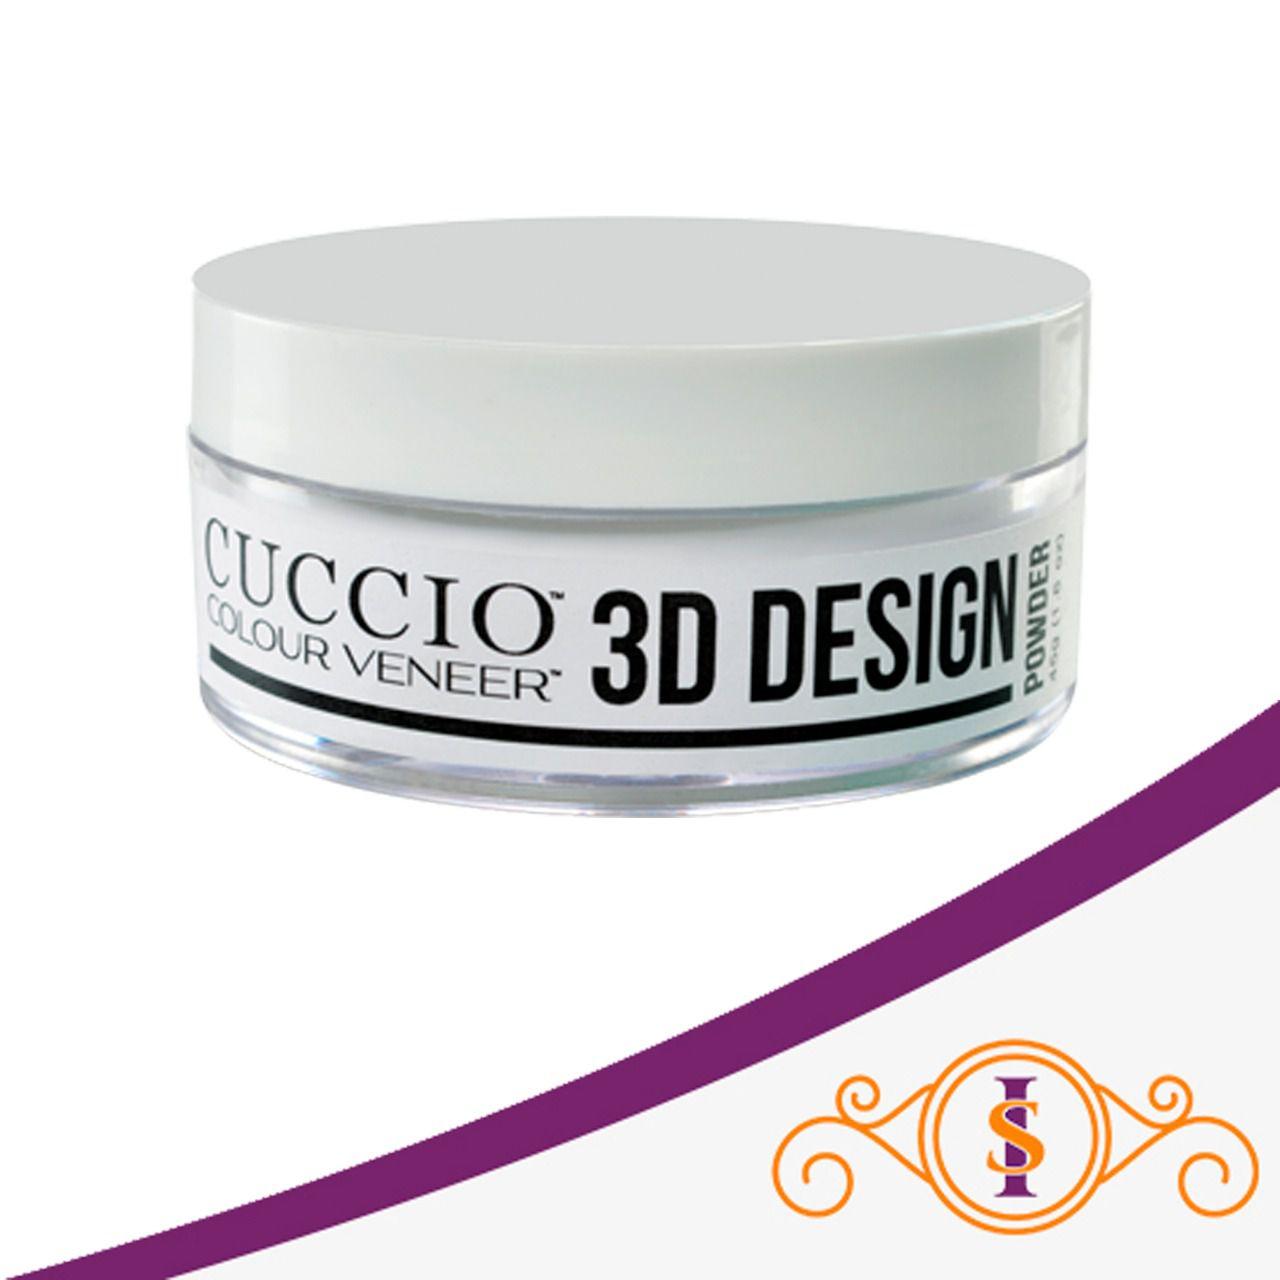 Pó Acrílico 3D Powder Veneer - 14g - Clear